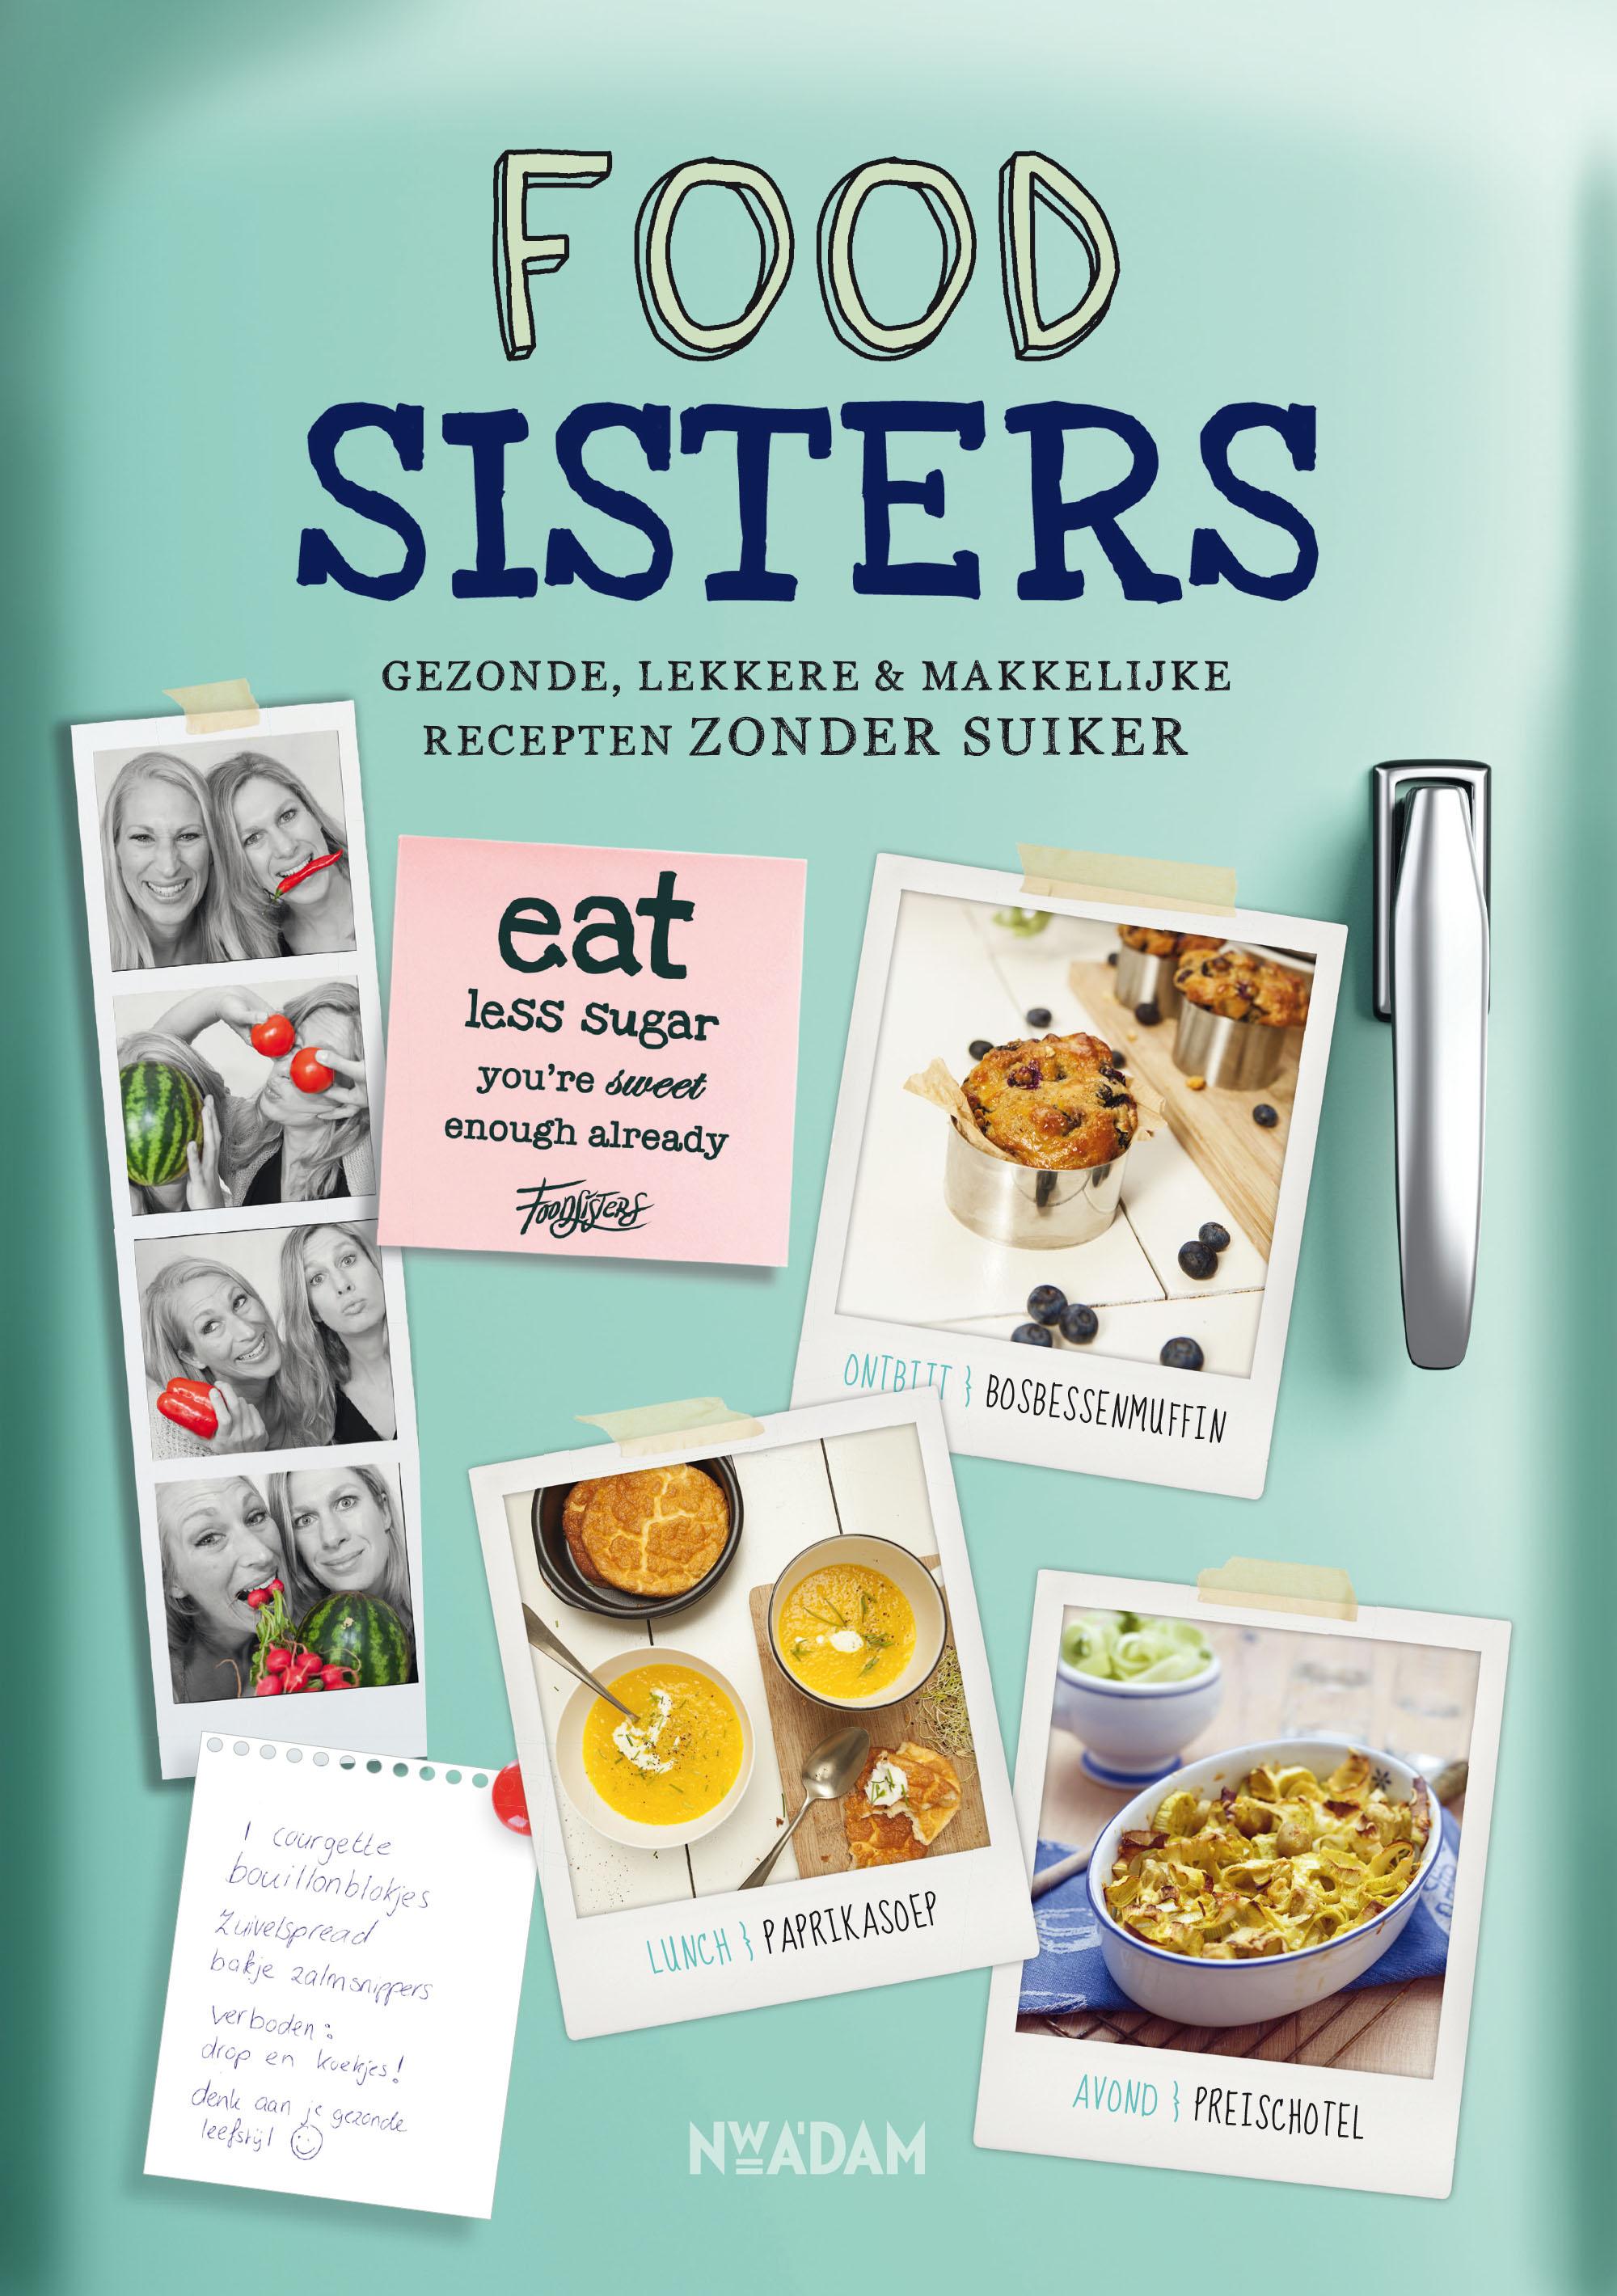 Foodsisters – Amande Koeman en Janneke Koeman